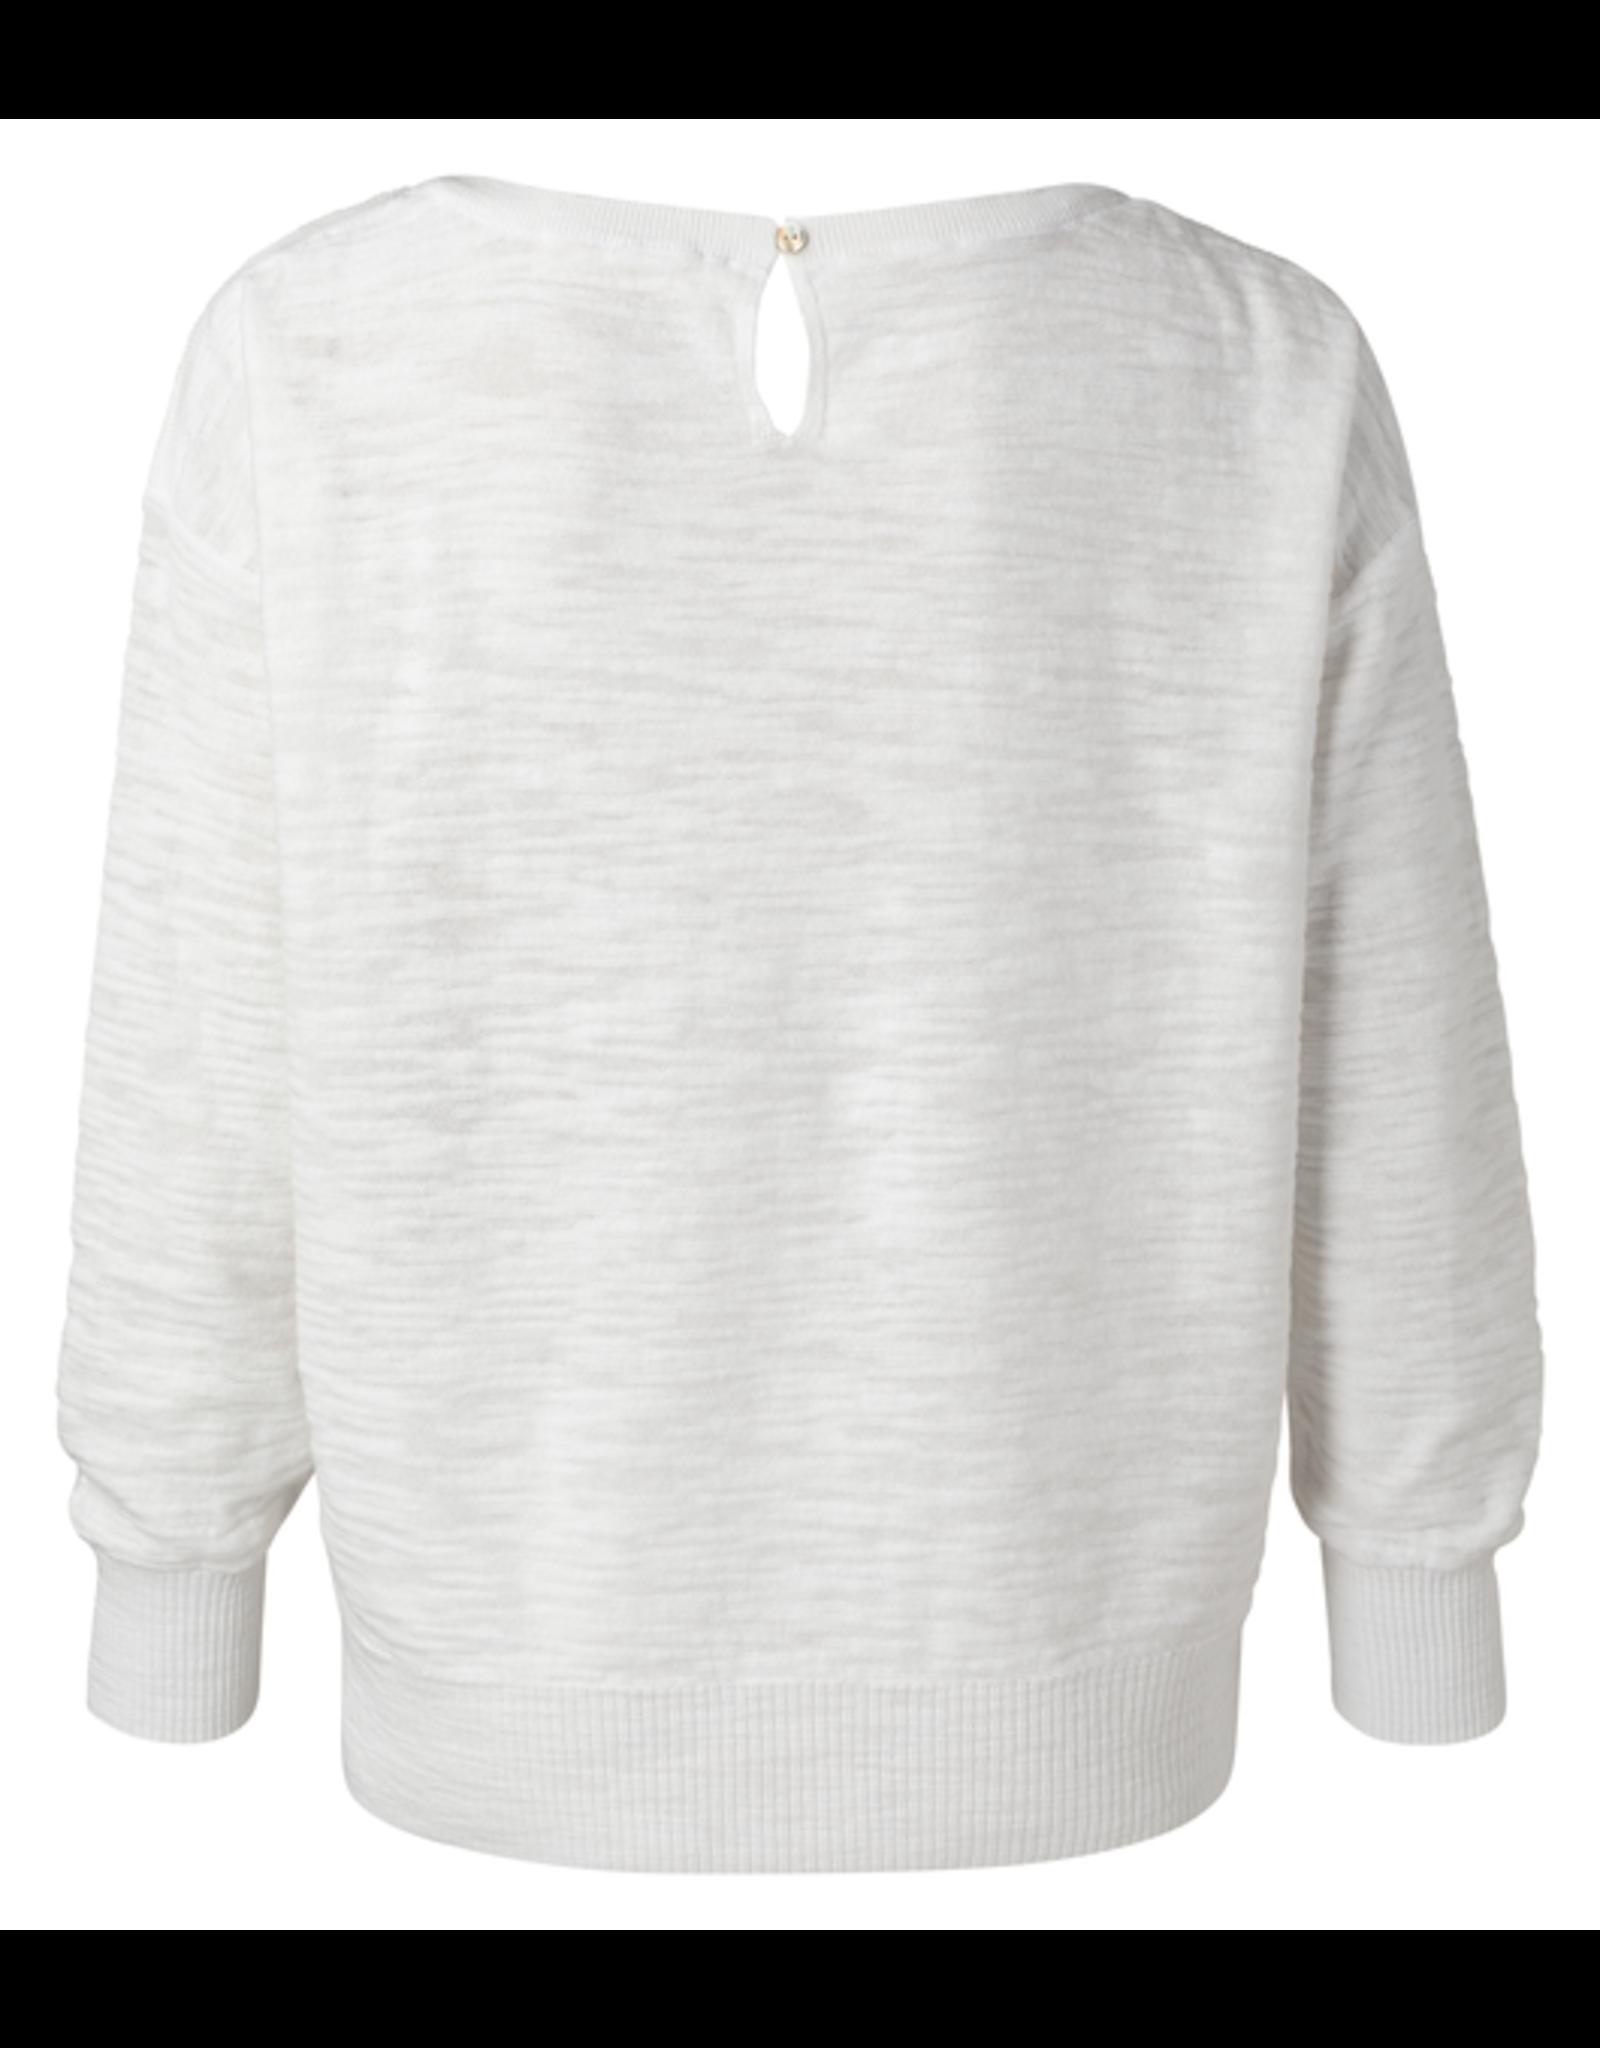 YAYA YAYA Boatneck sweater with rib stitch detail wool white